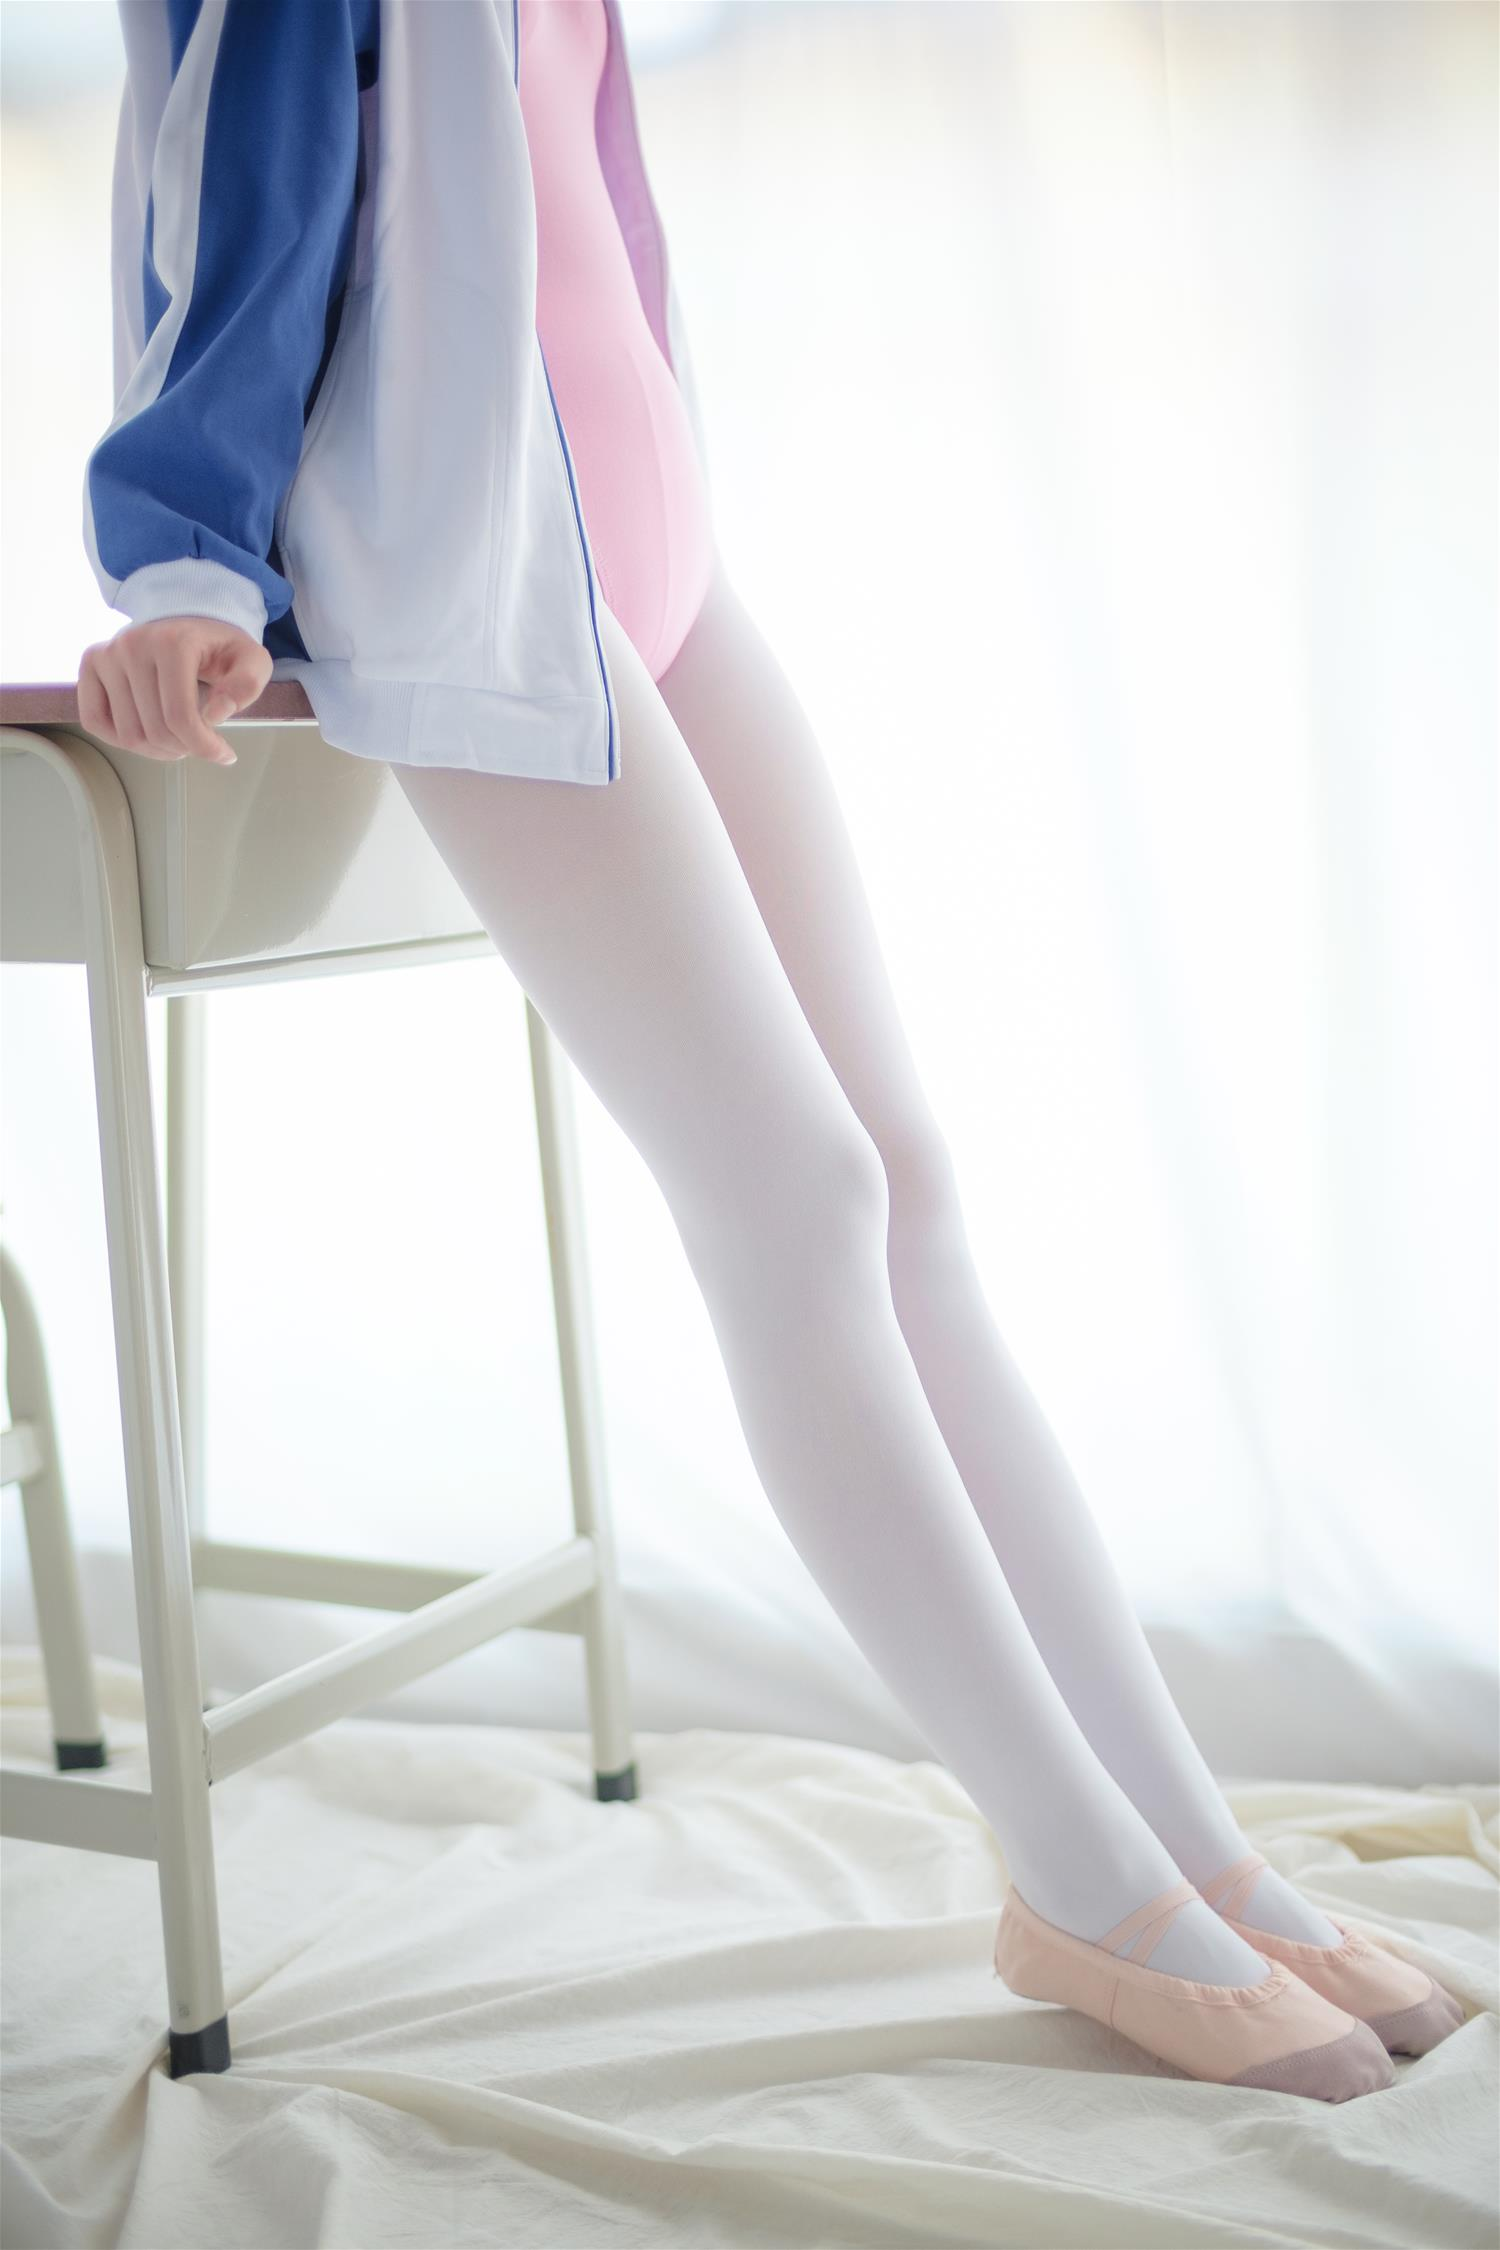 森萝财团 R15-012 白丝粉红少女 [84P-392MB] 森萝财团-第3张